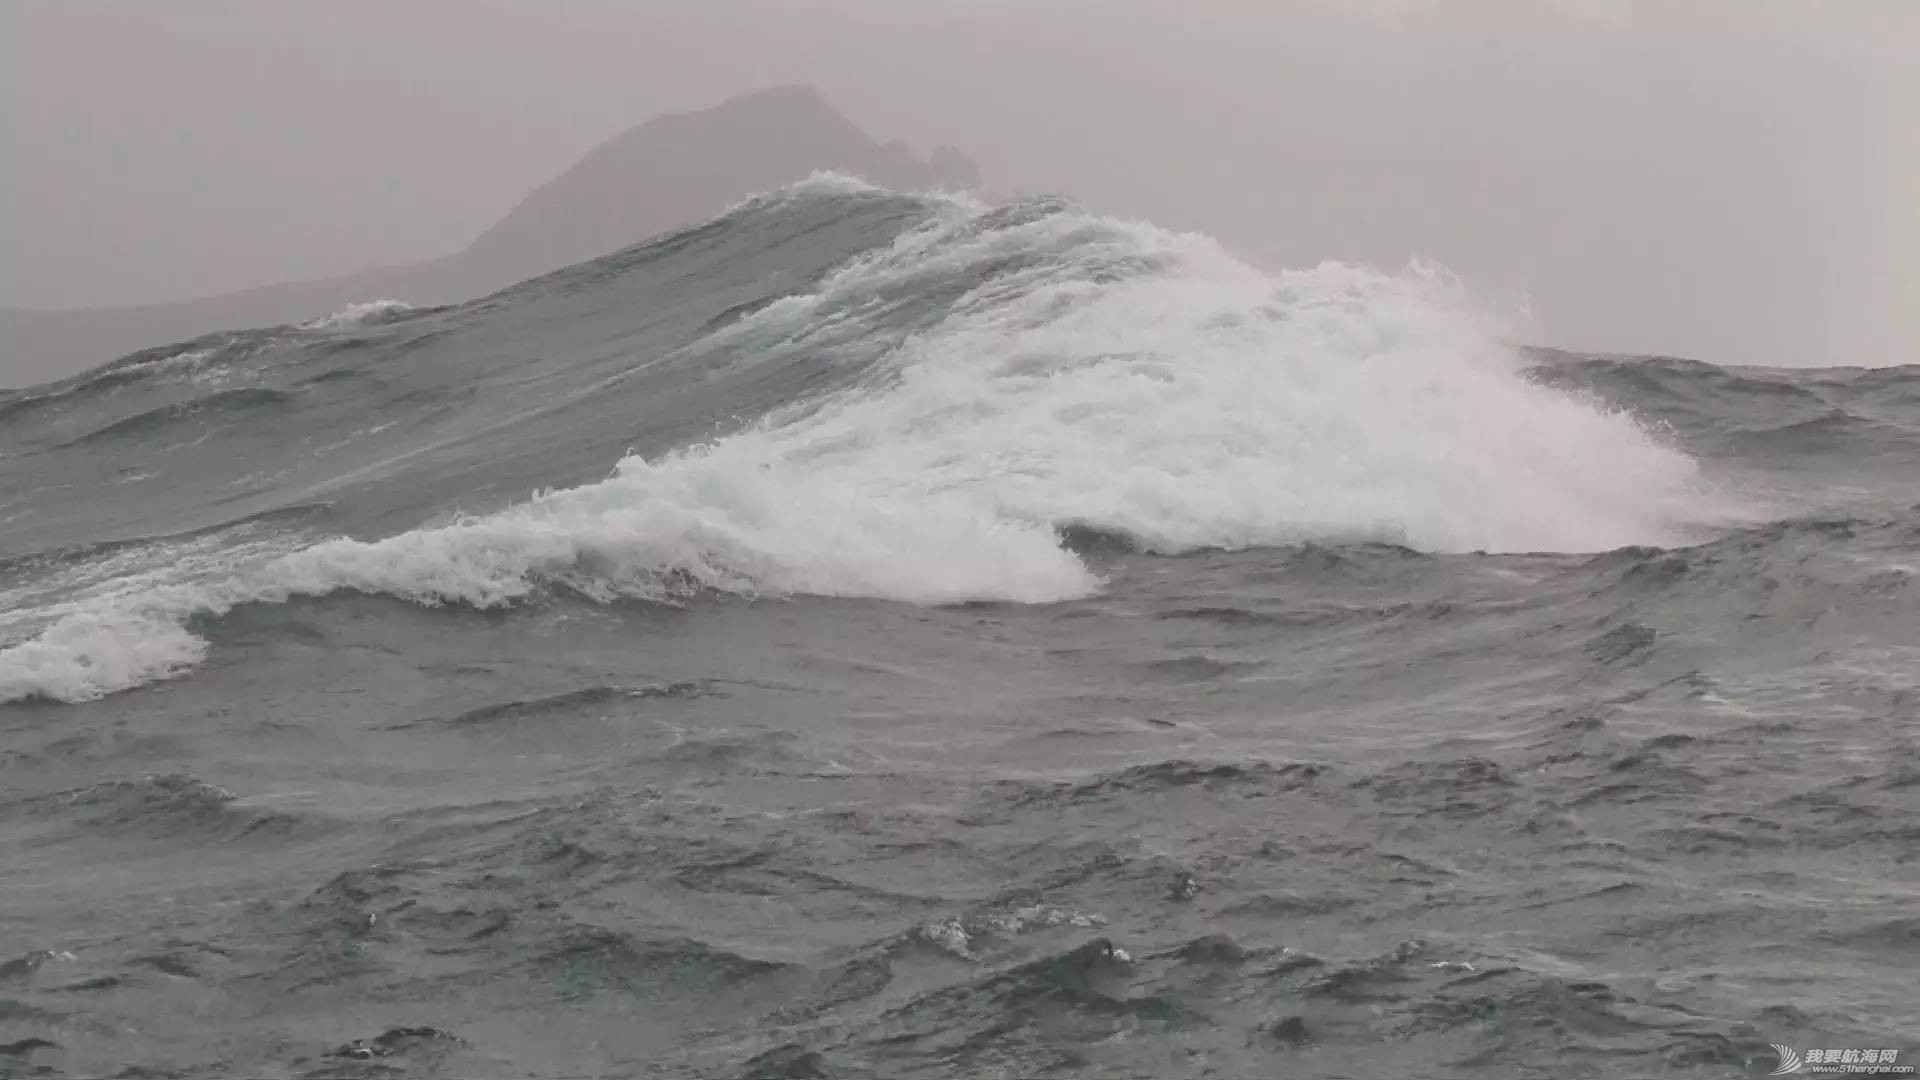 鼓浪屿,帆船运动,带头大哥,中国海,爱好者 我们的奇异漂流——大帆船时代的中国传奇之魏军 0?wx_fmt=jpeg.jpg